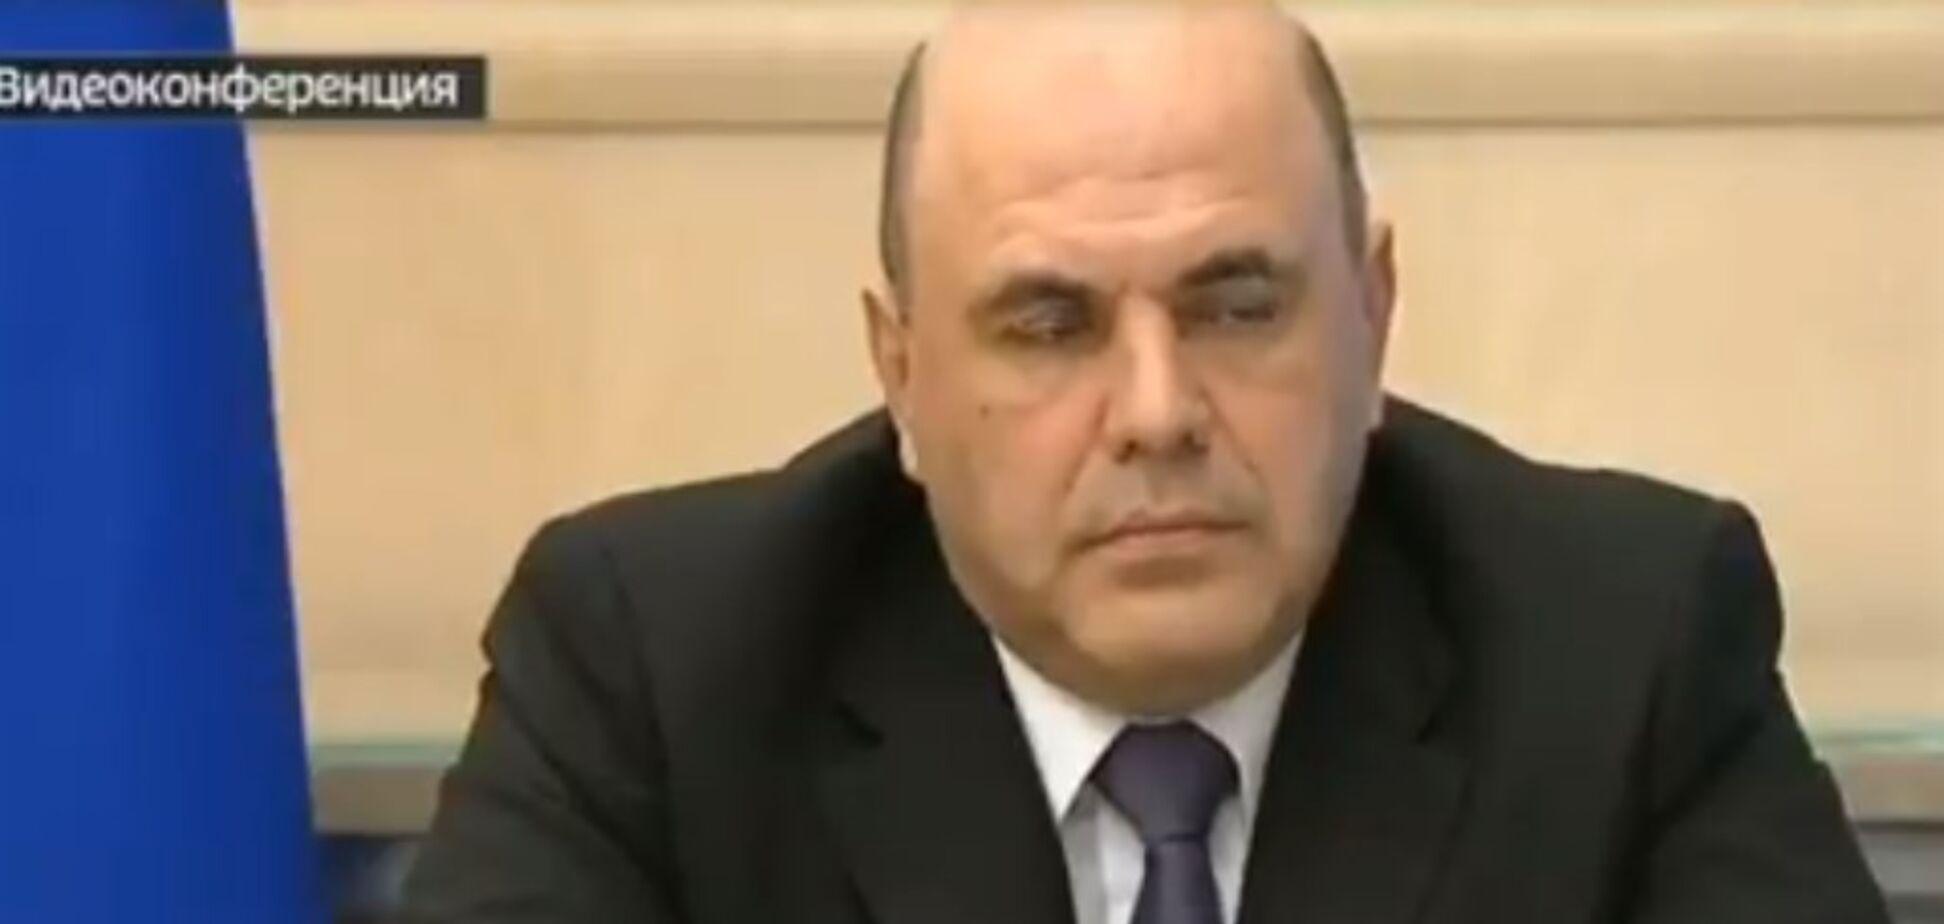 Сеть позабавил засыпающий под голос Путина российский премьер. Видео